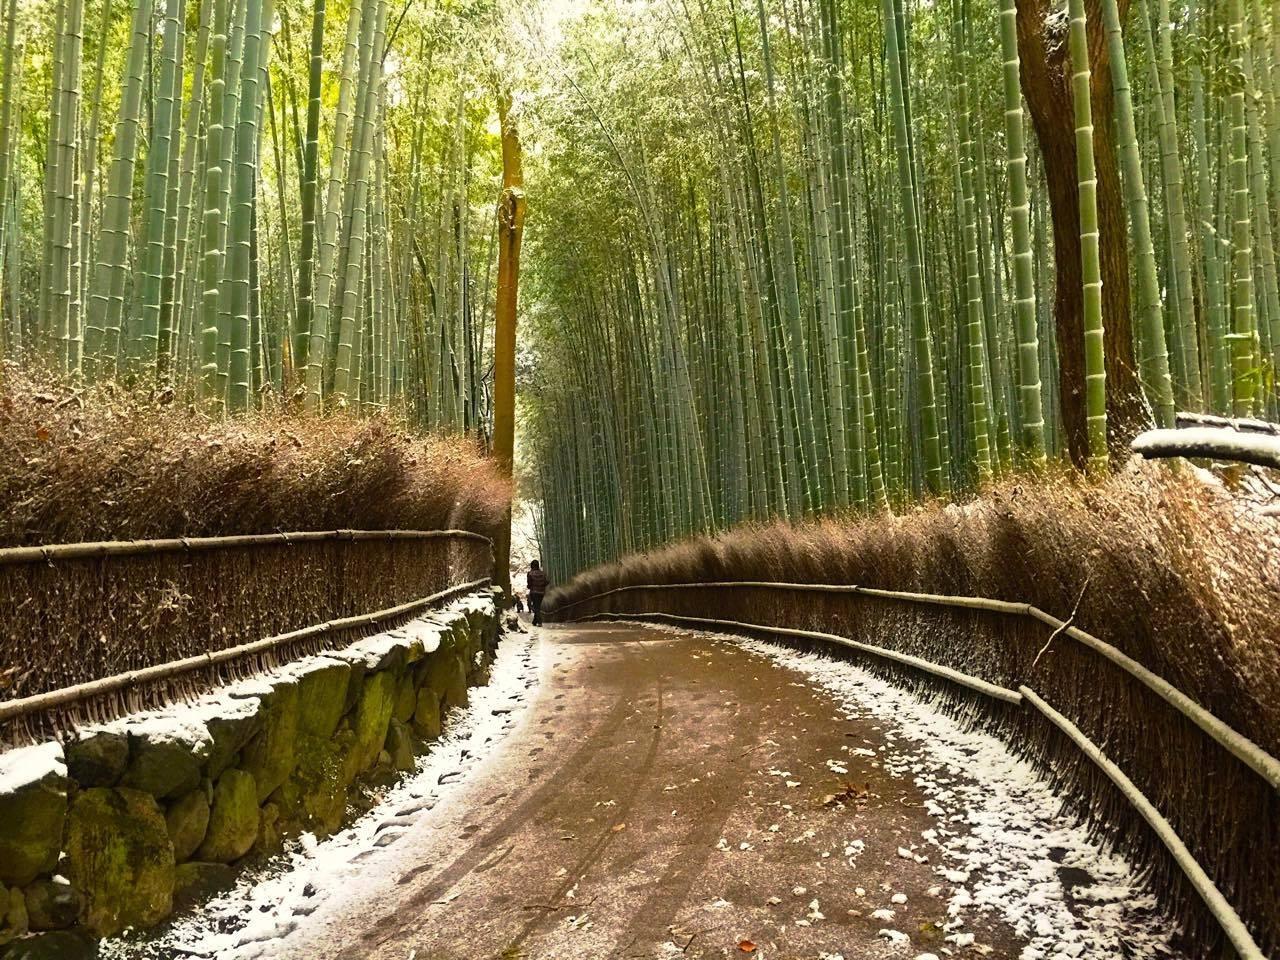 金阁寺,岚山竹林上「雪妆」 恬静的大自然冬季美景图片